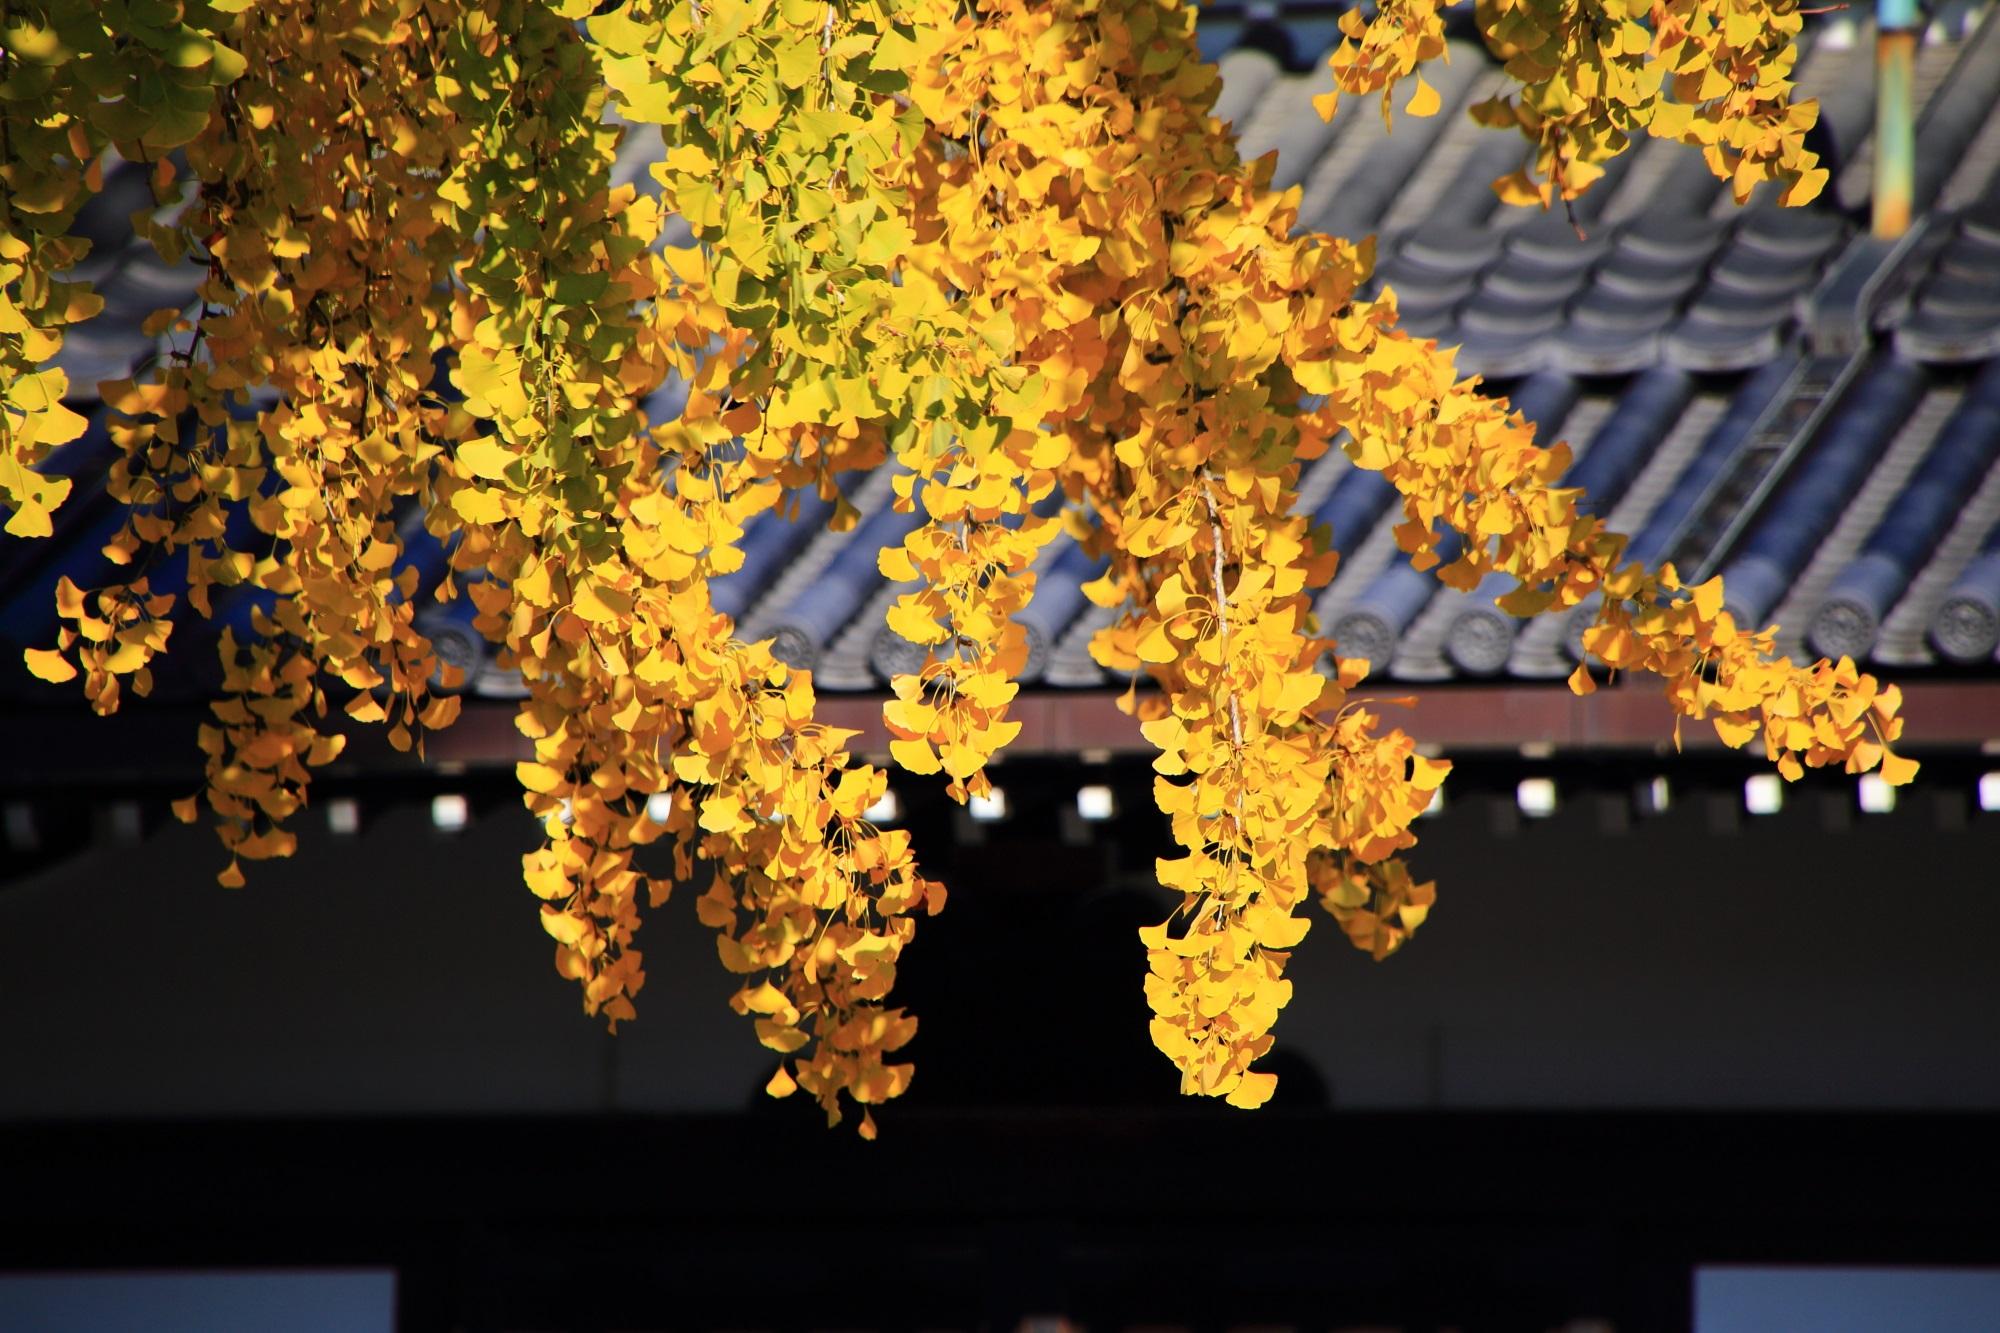 西本願寺 銀杏 黄葉 見ごろ 阿弥陀堂